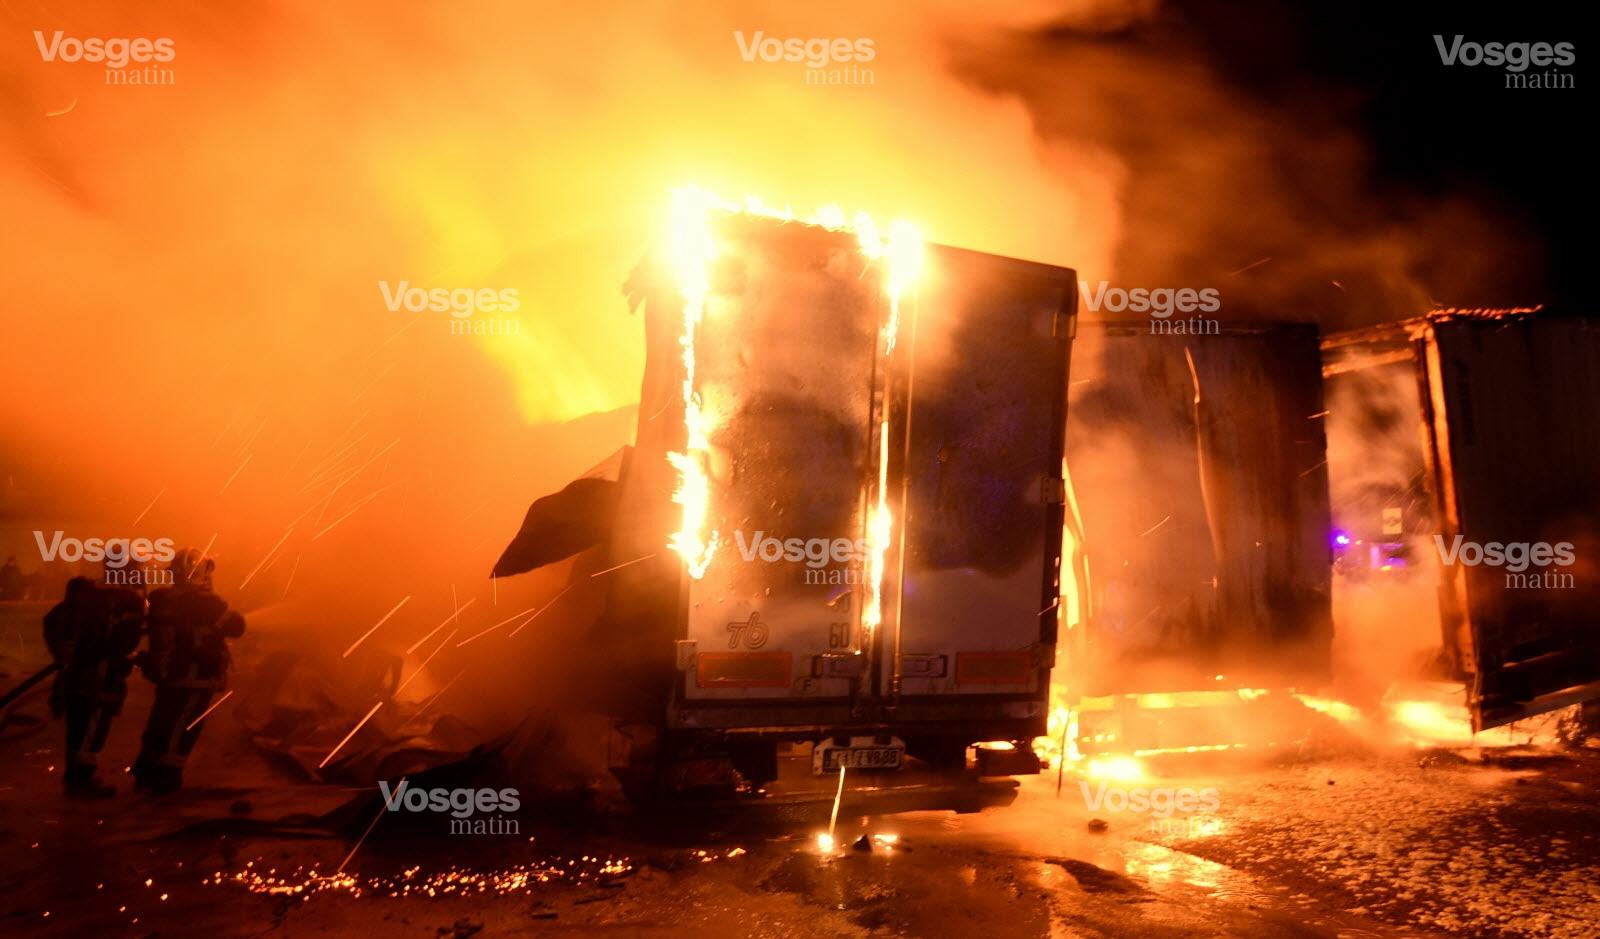 les-sapeurs-pompiers-ont-place-les-lances-entre-les-camions-et-le-batiment-abritant-les-bureaux-de-l-entreprise-afin-d-empecher-les-flammes-de-se-propager-photo-philippe-briqu